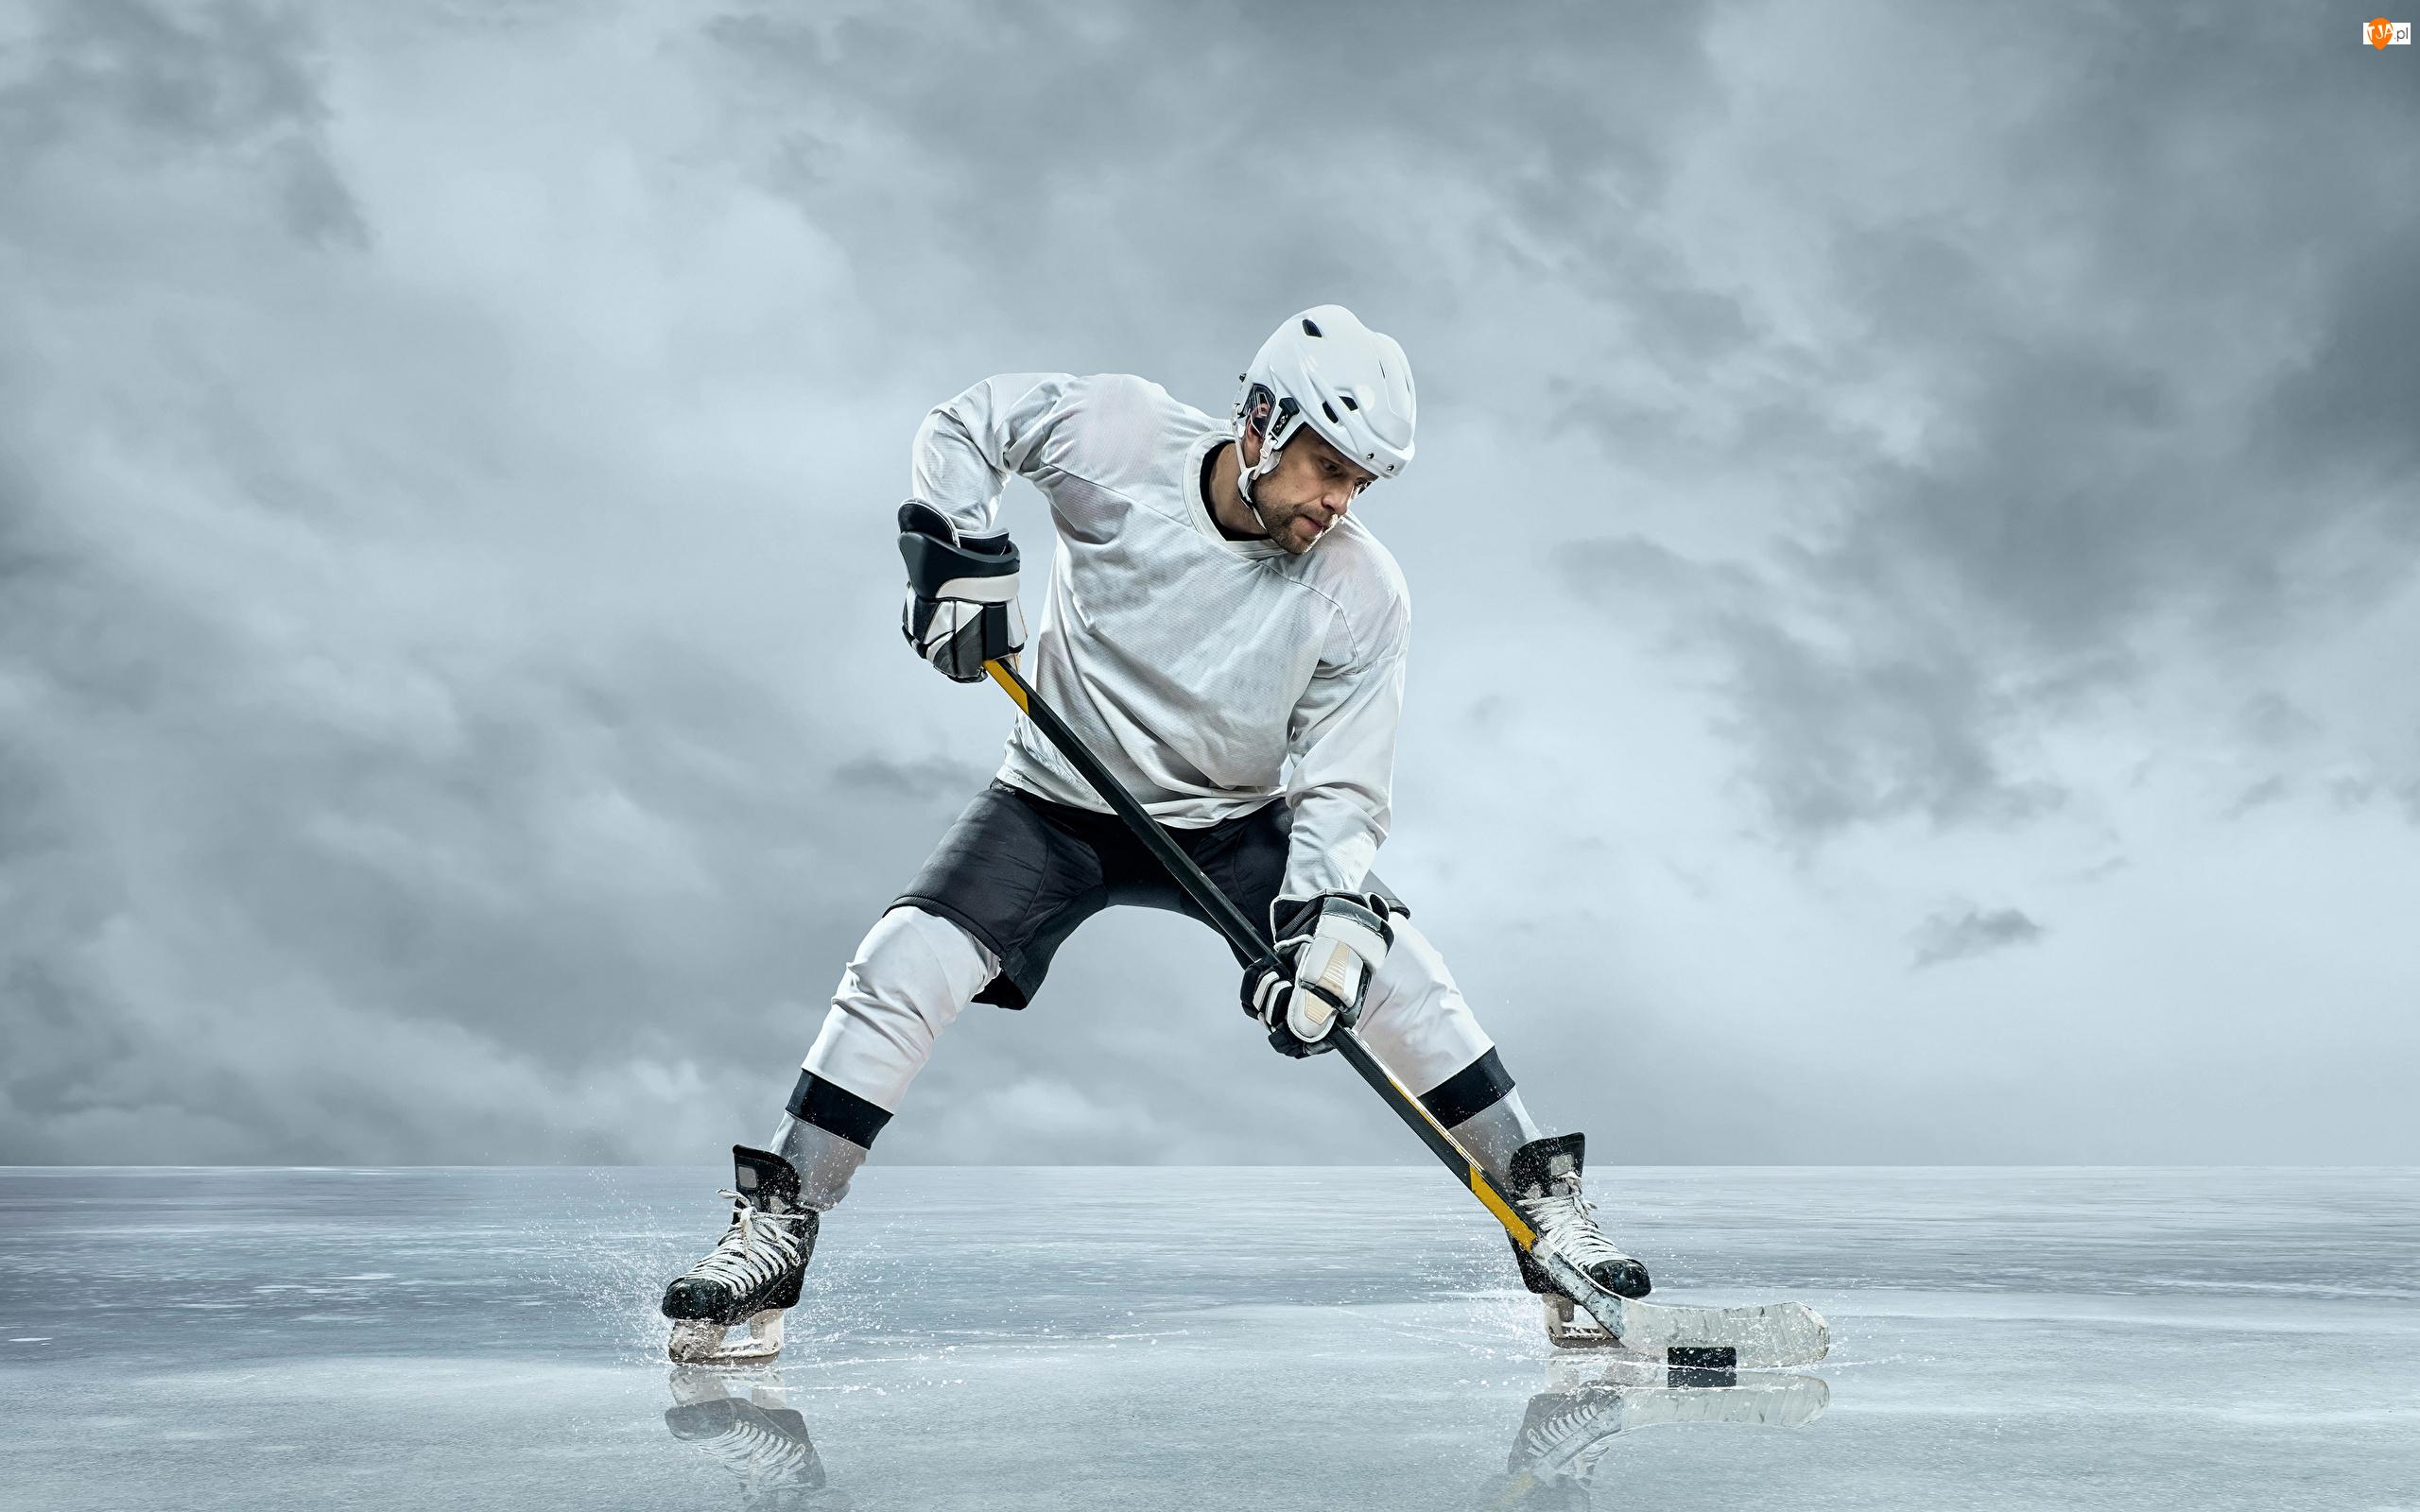 Krążek, Hokej, Hokeista, Kij